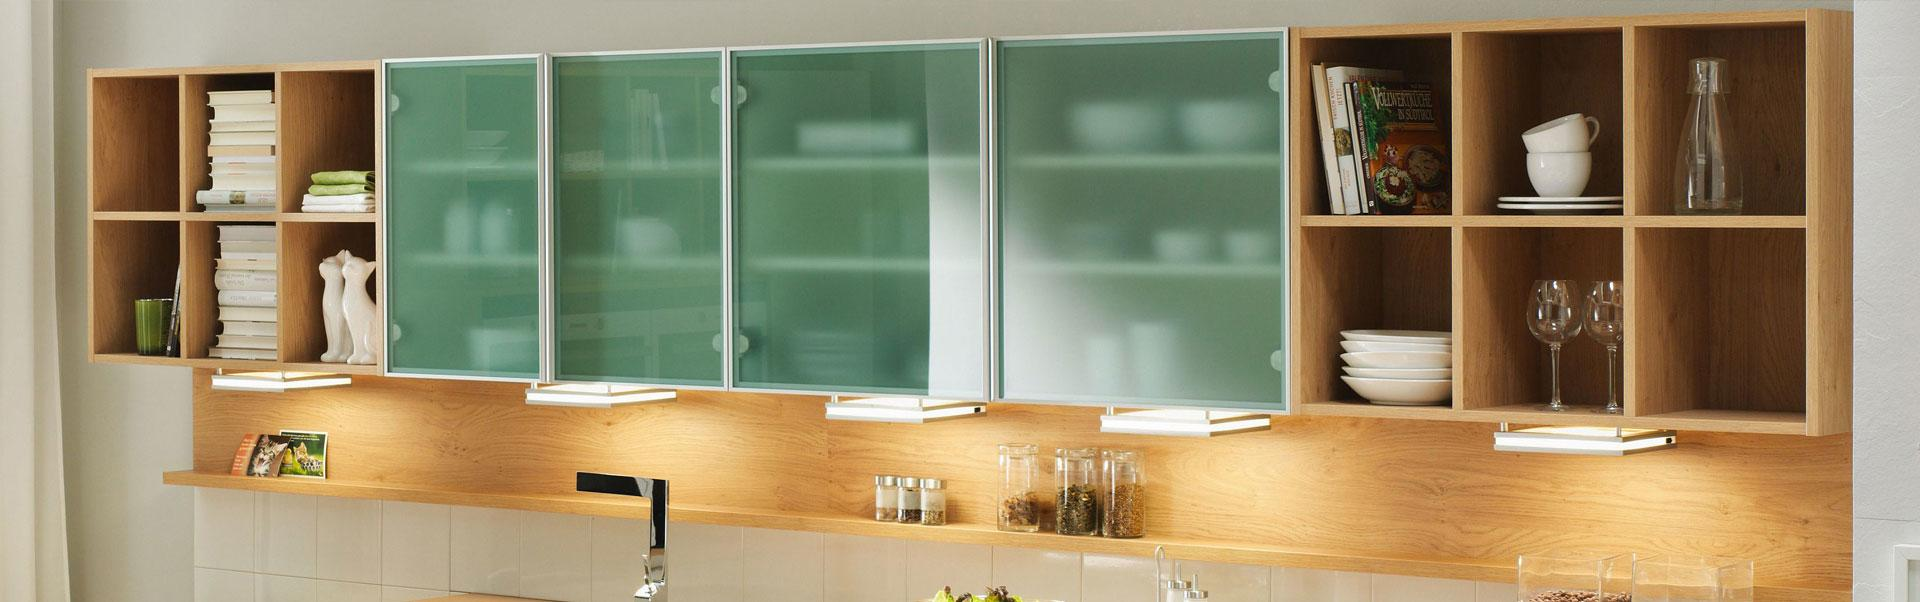 studioHR, DanKuchen Chromform kuhinja bijele boje visokog sjaja, slika 04